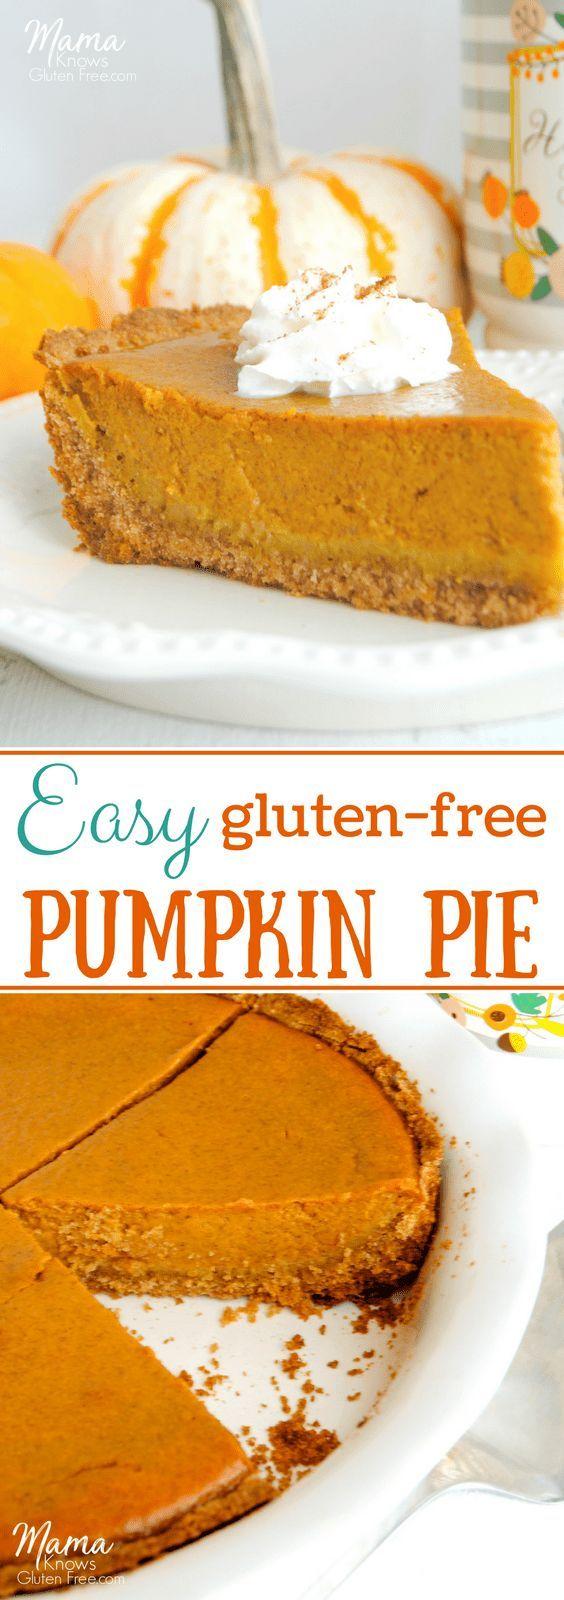 Easy Gluten-Free Pumpkin Pie